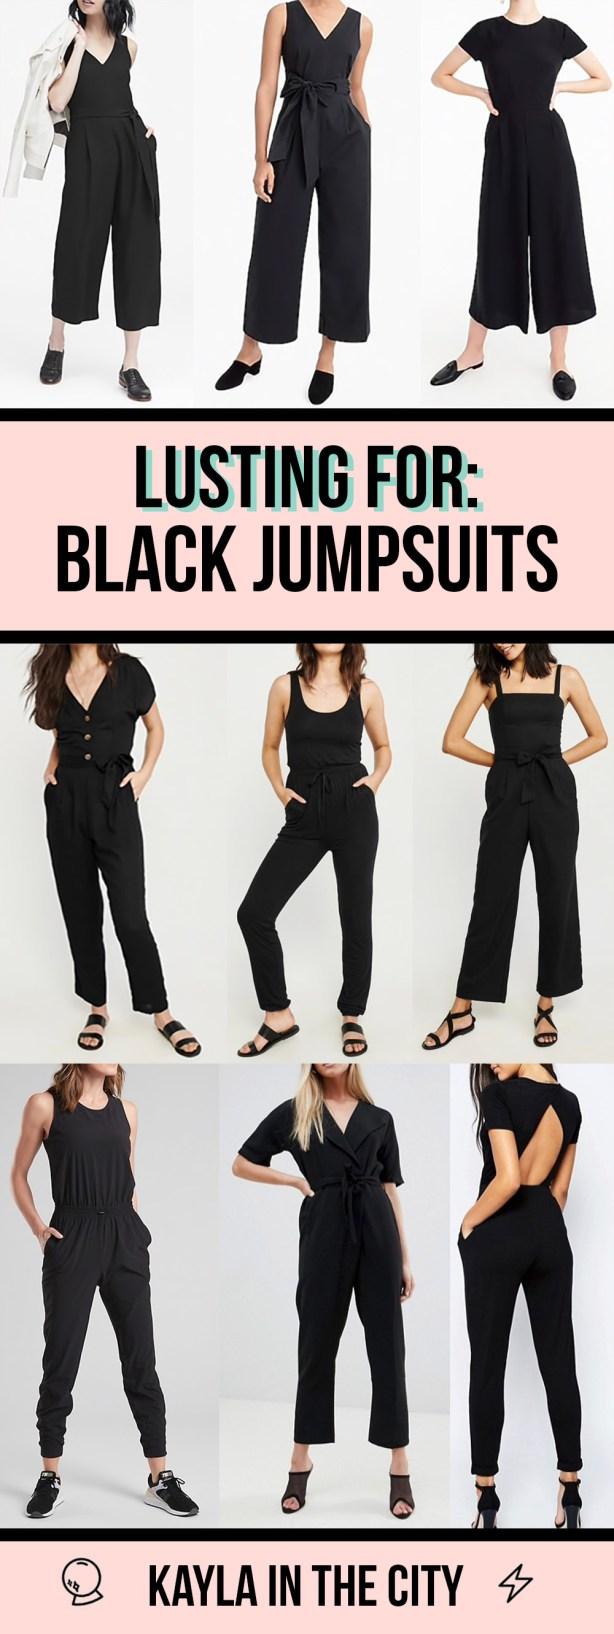 black jumpsuits for spring